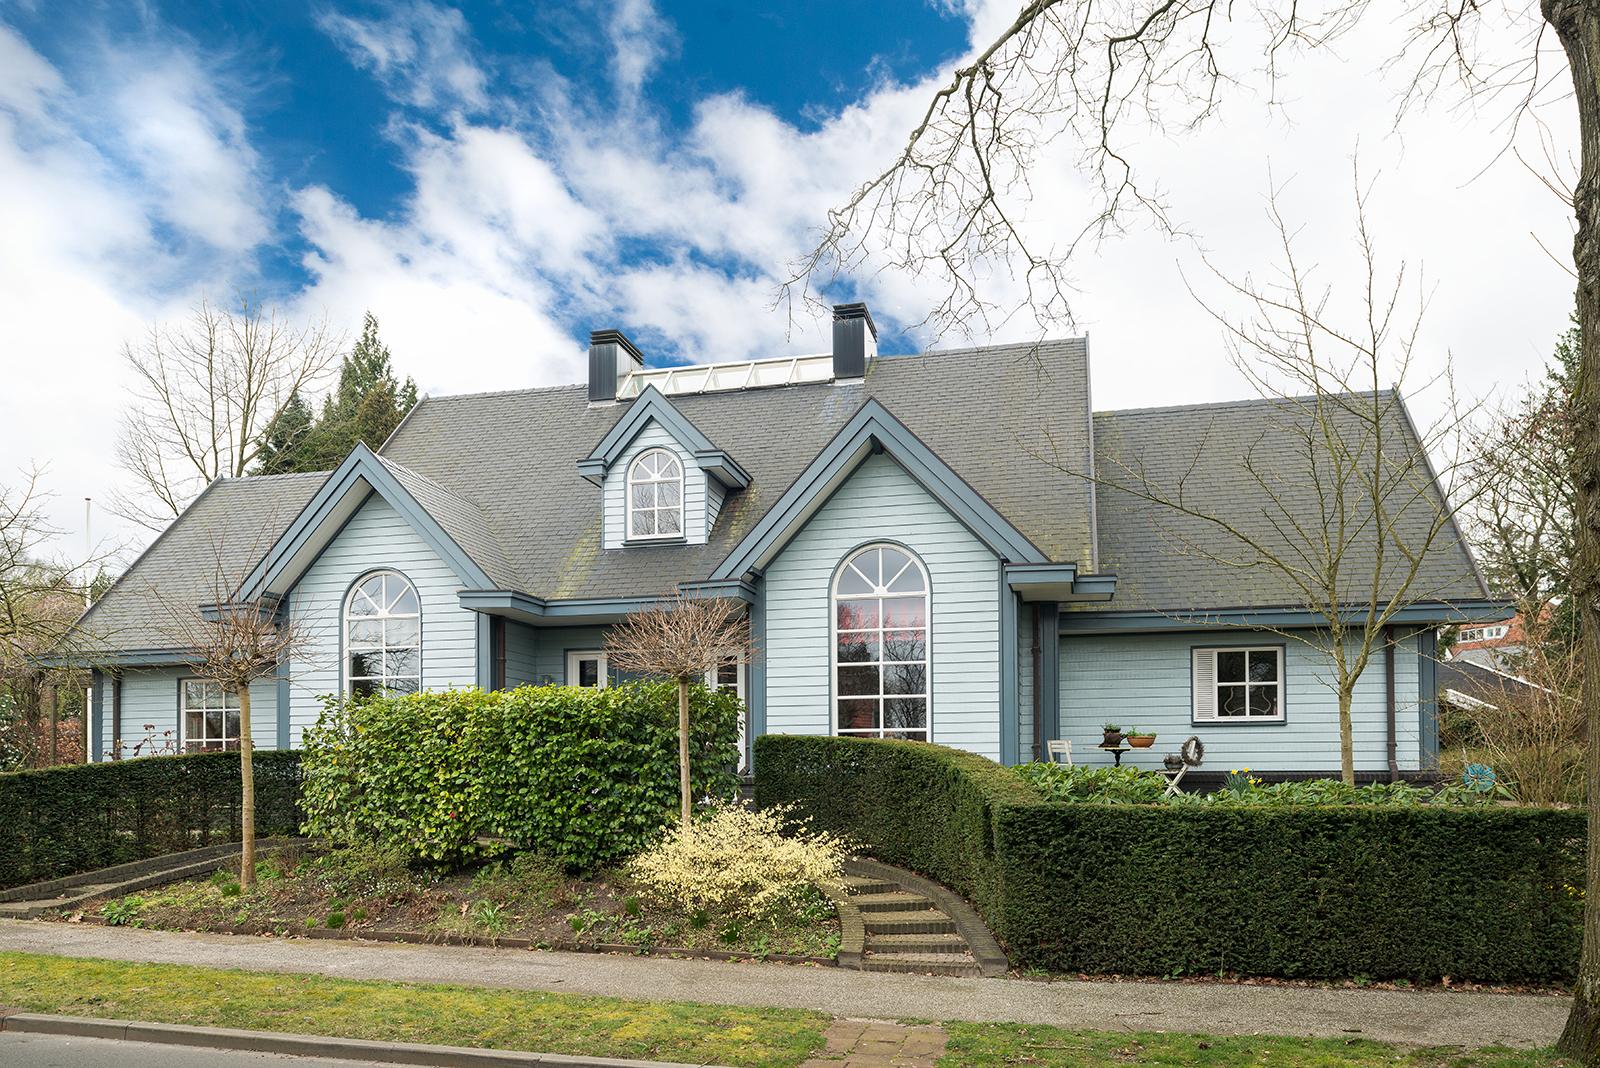 Villa in amerikaanse stijl finnlogs houtbouw bv